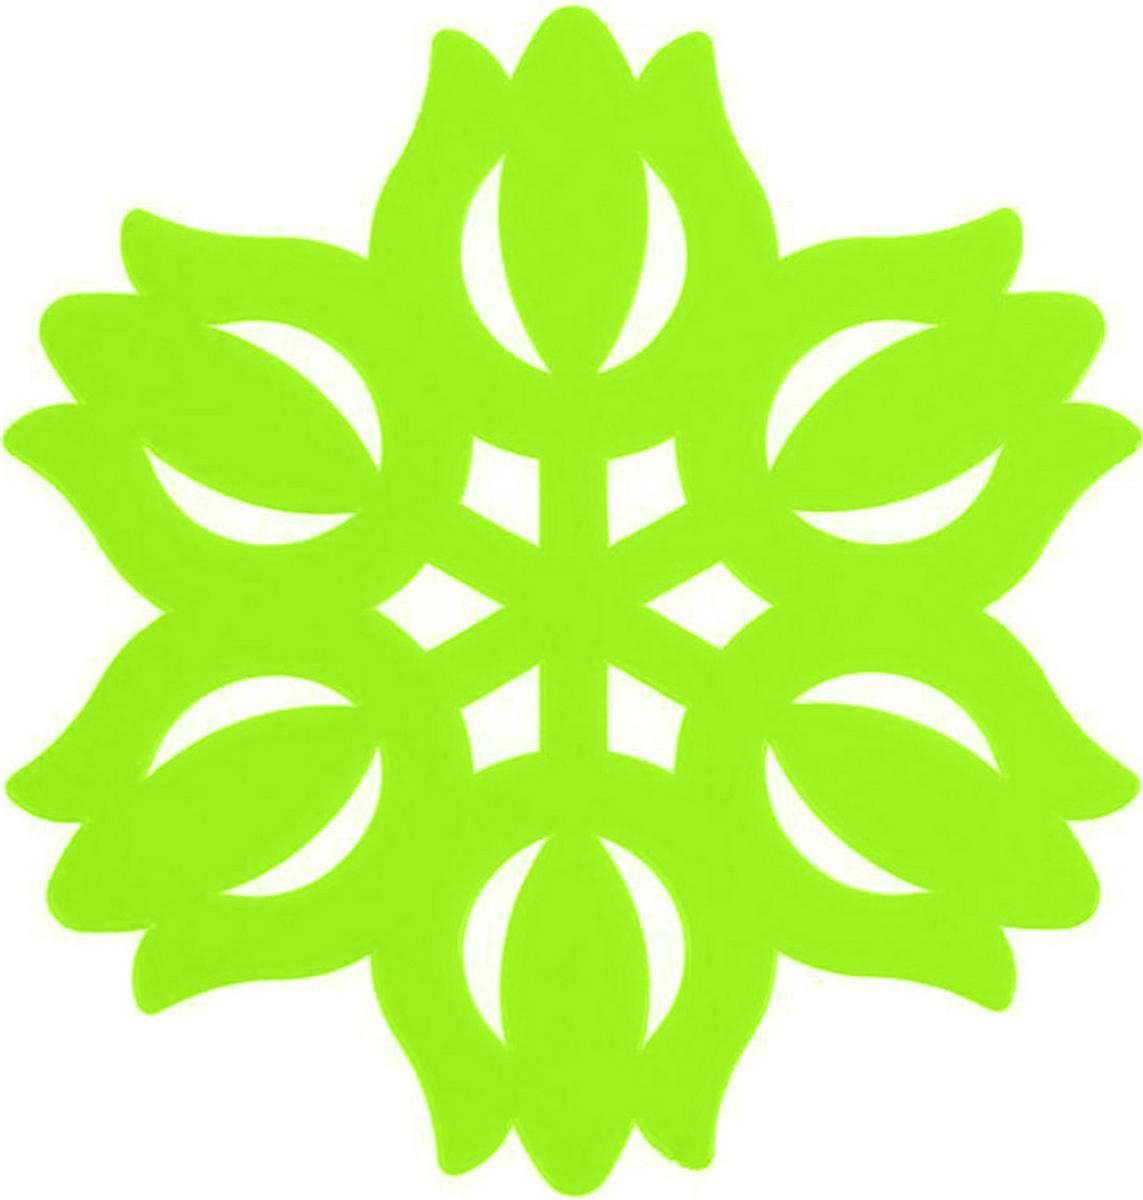 Подставка под горячее Доляна, Тюльпан, цвет: салатовый, 11 см811889_салатовыйСиликоновая подставка под горячее — практичный предмет, который обязательно пригодится в хозяйстве. Изделие поможет сберечь столы, тумбы, скатерти и клеенки от повреждения нагретыми сковородами, кастрюлями, чайниками и тарелками.